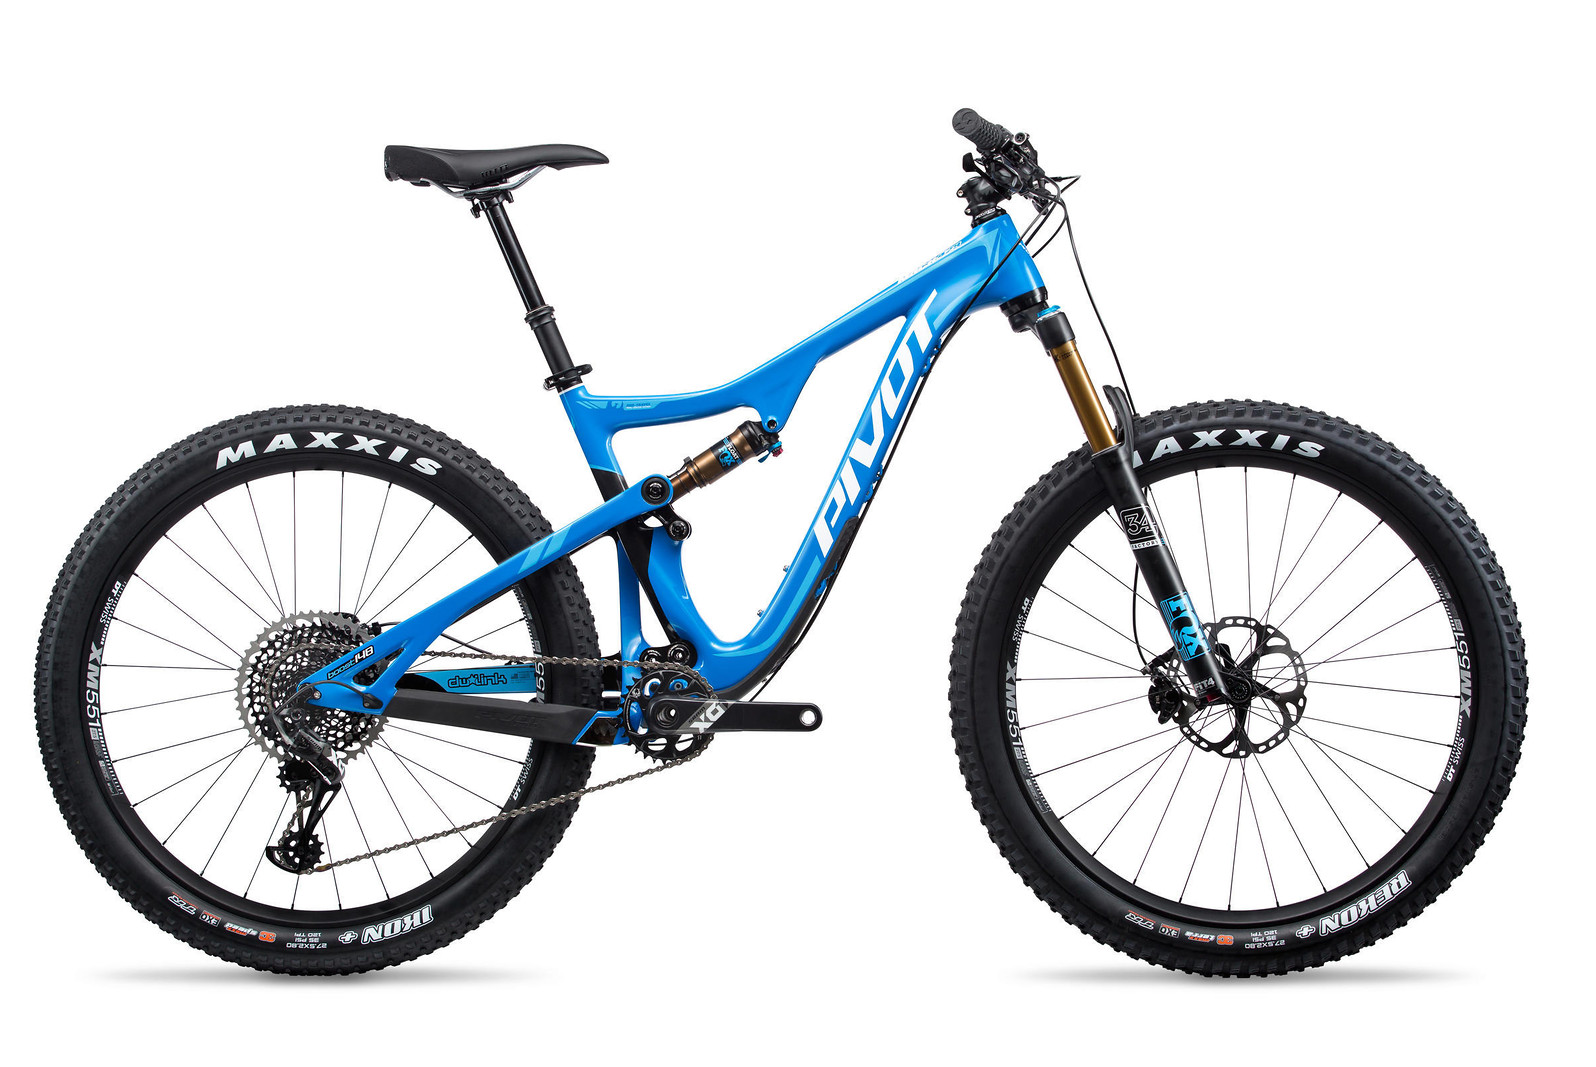 pivot-cycles-mach-429-trail-team-xtr-2x-27.5-294742-11